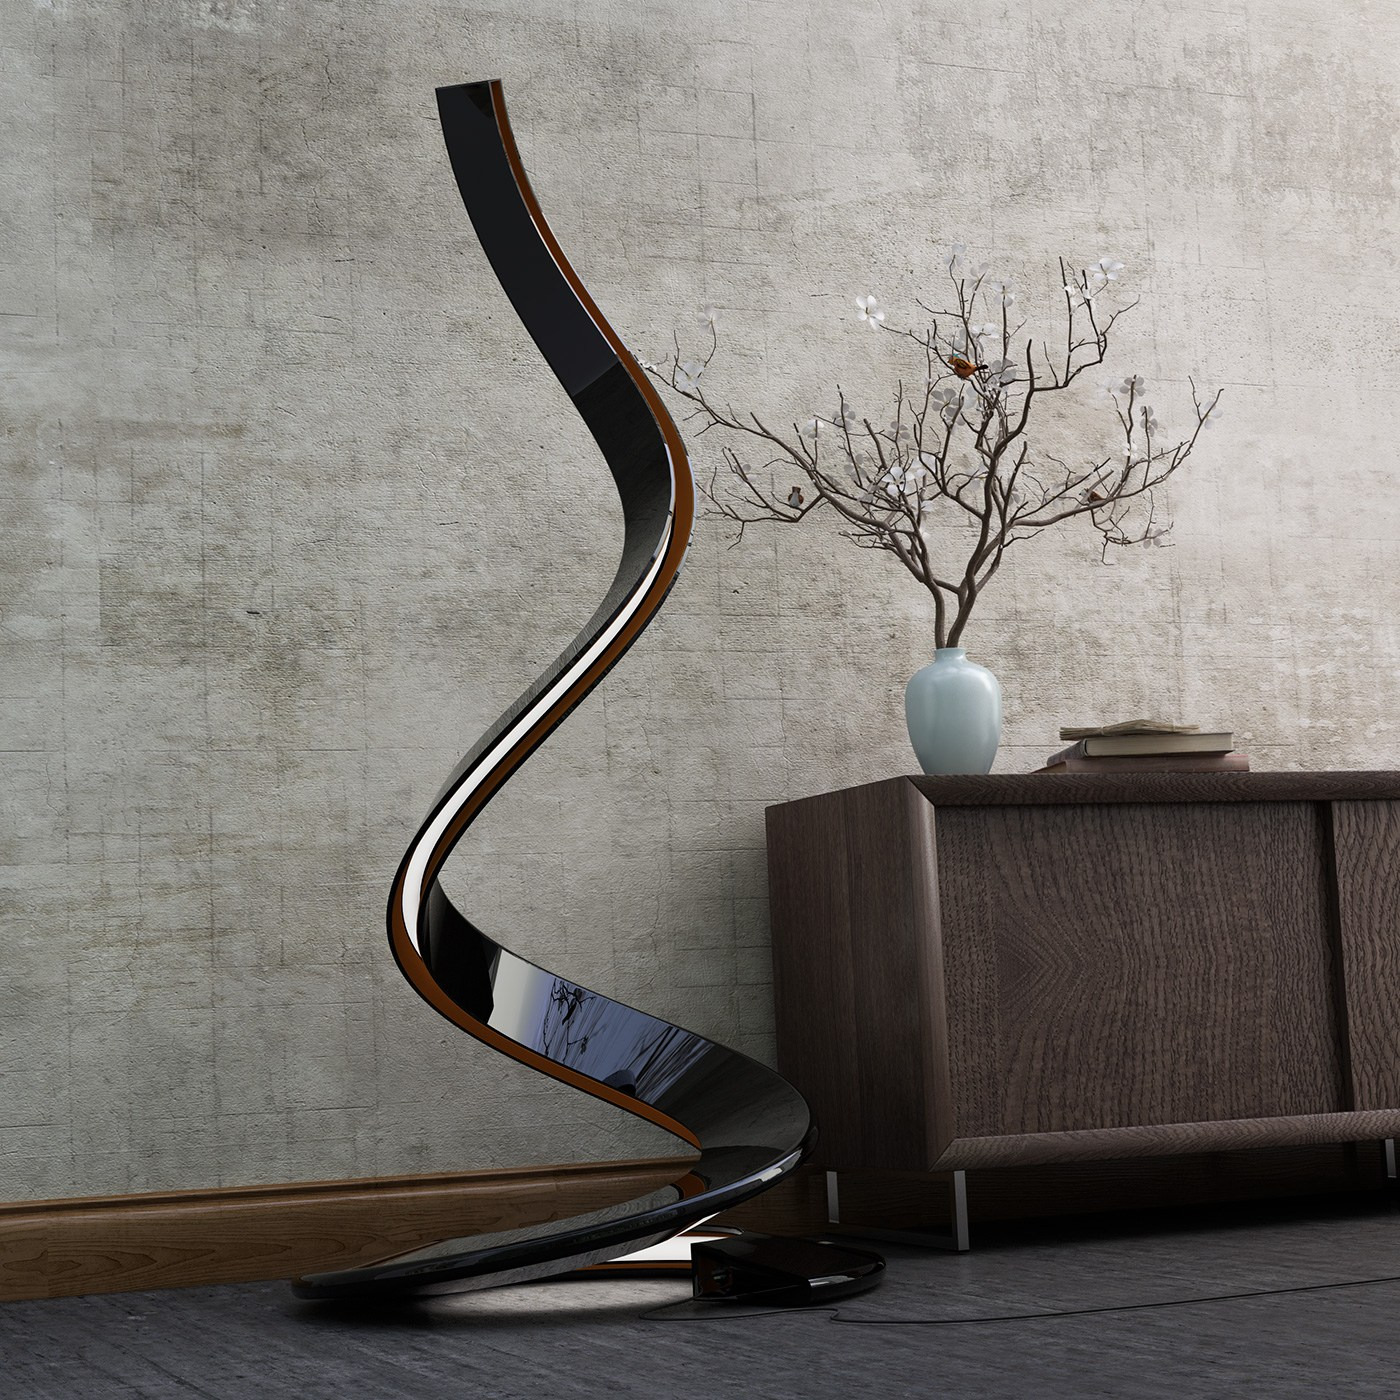 Spirale lampada da terra by italy dream design - Lampada da terra design ...